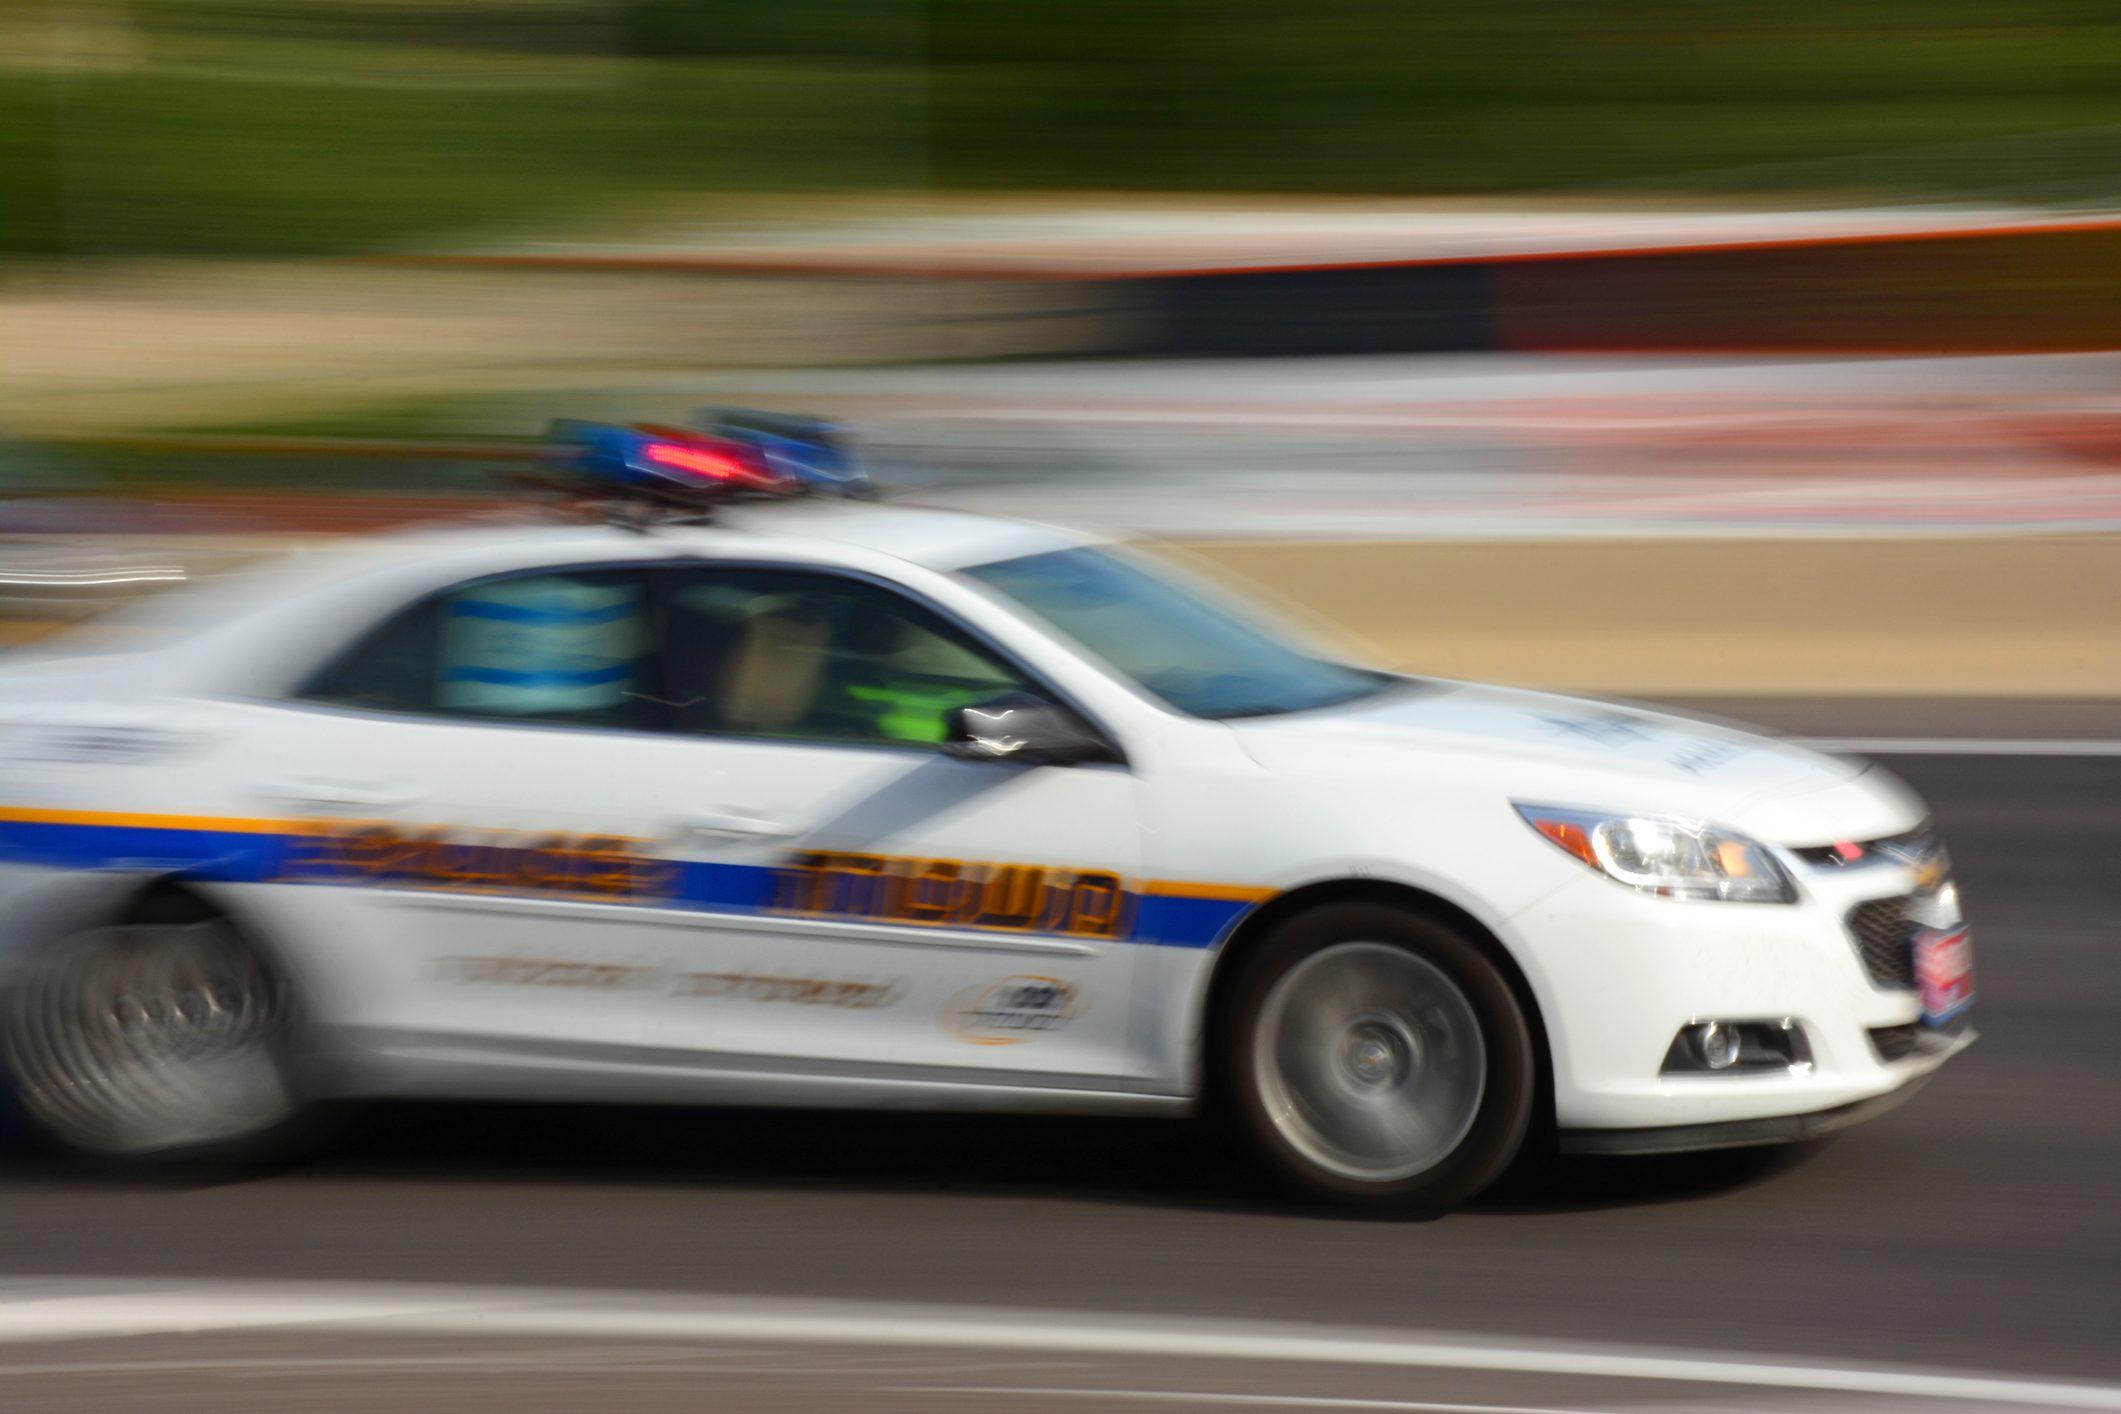 Police car in motion